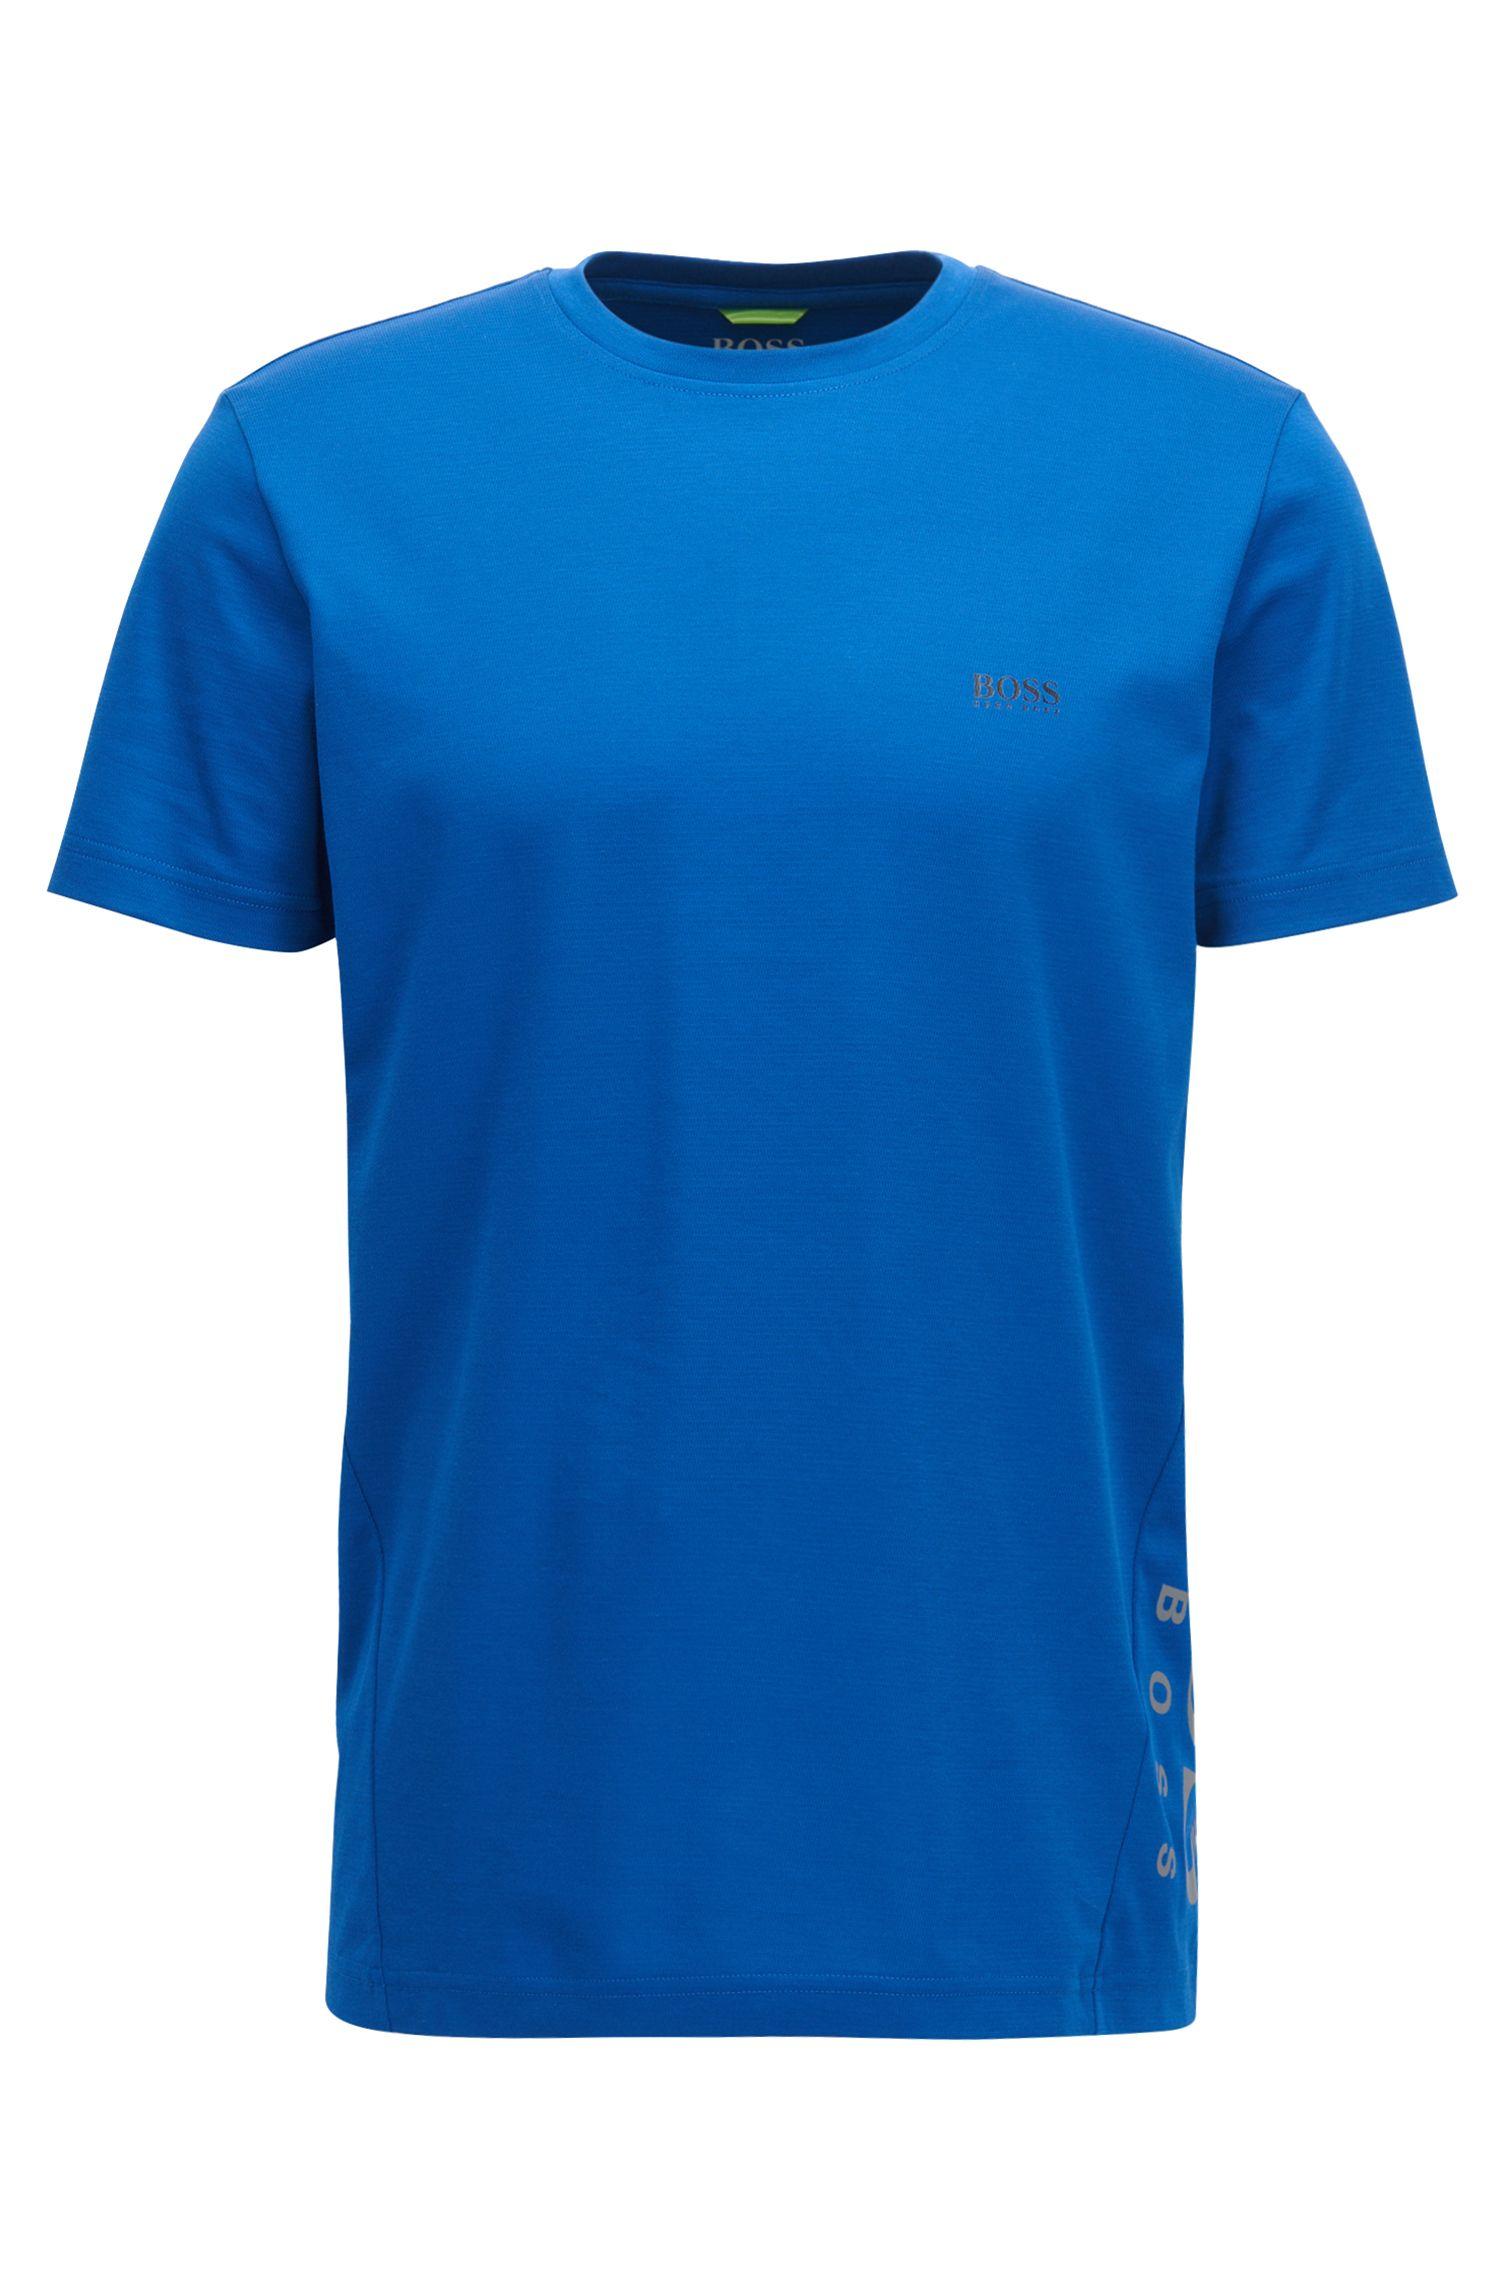 Slim-fit cotton-blend T-shirt with moisture management